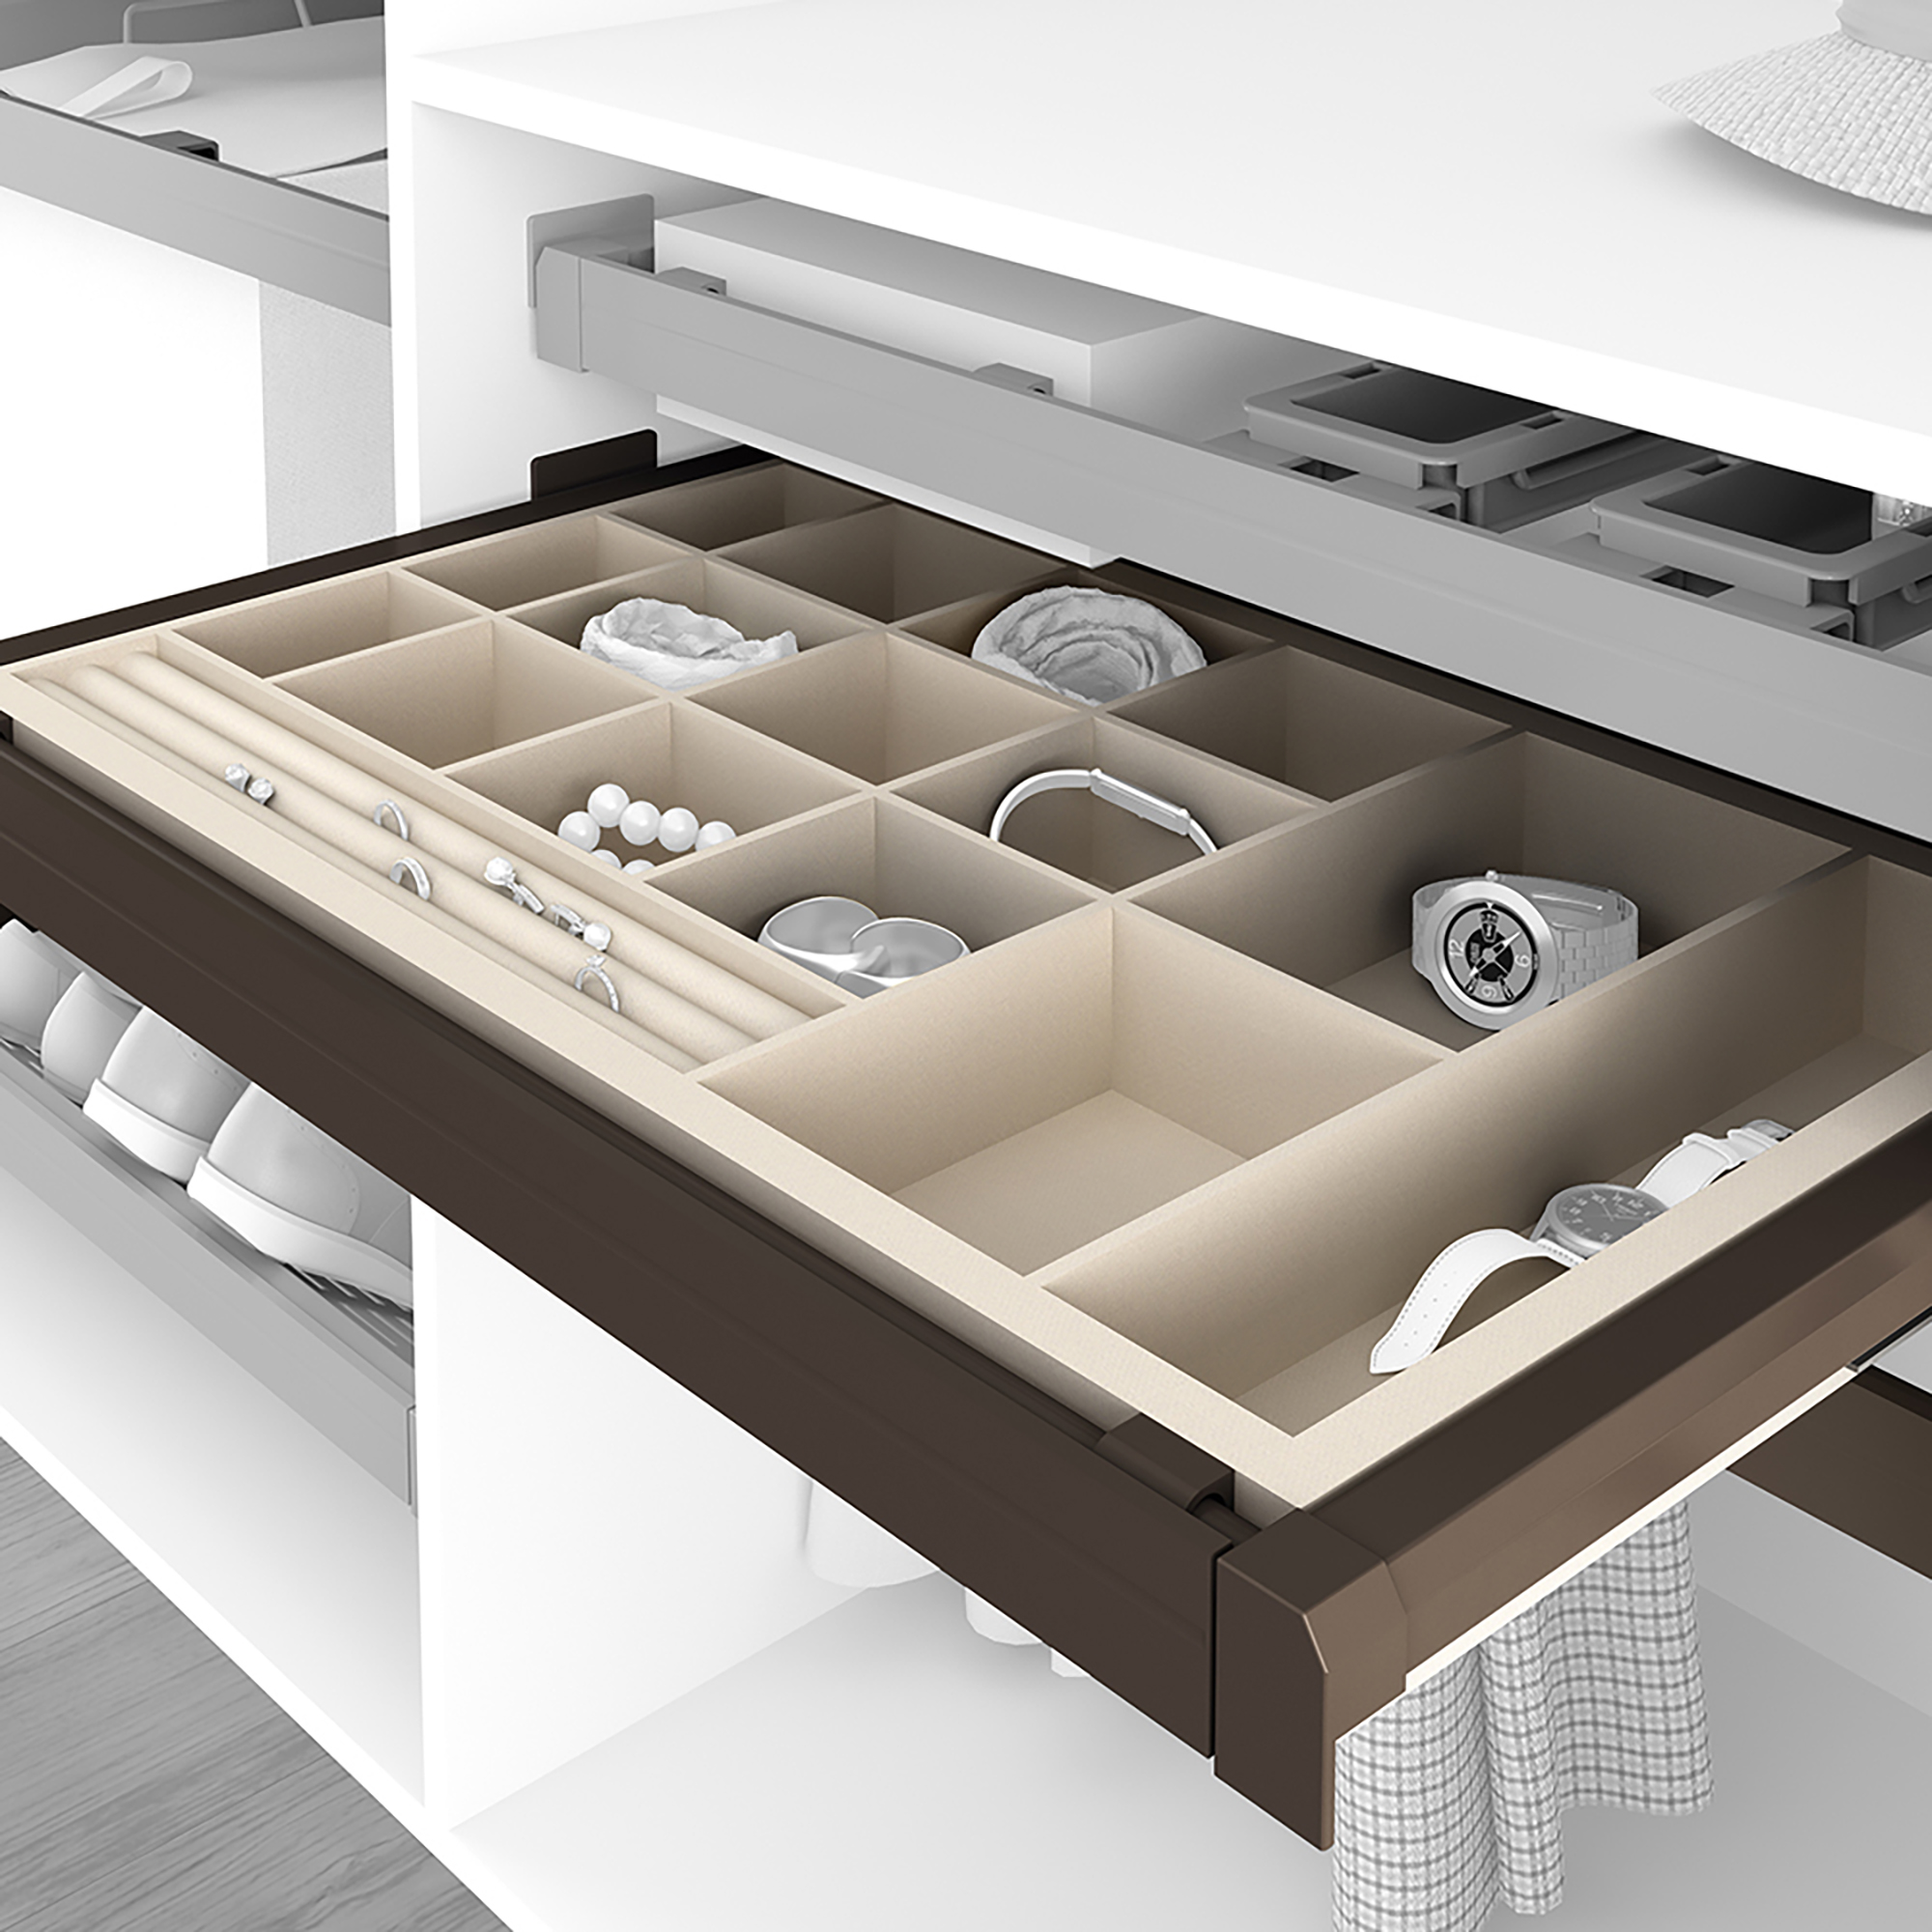 Emuca Kit Portagioielli con guide, regolabile, modulo di 600 mm, Acciaio e Alluminio, Color moka